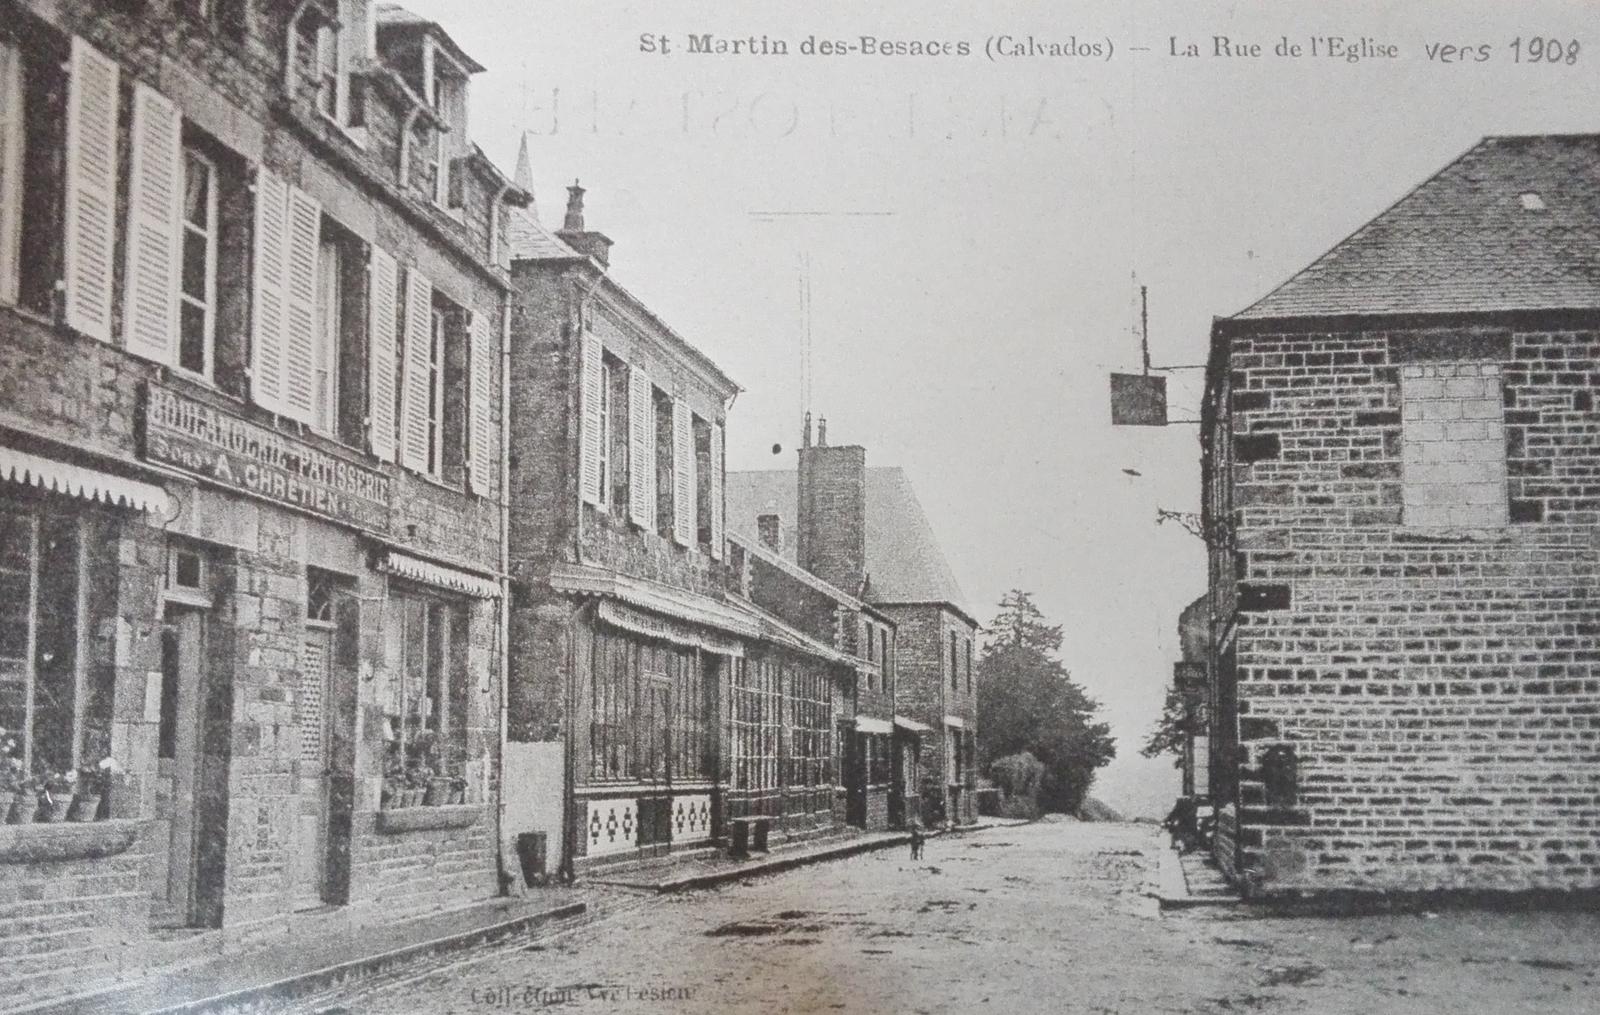 Saint-Martin-des-Besaces - rue de l'église vers 1908, l' église se trouve en retrait sur la gauche, on distingue juste le haut du clocher au niveau des toits de maison, au premier plan la boulangerie-pâtisserie A CHRETIEN